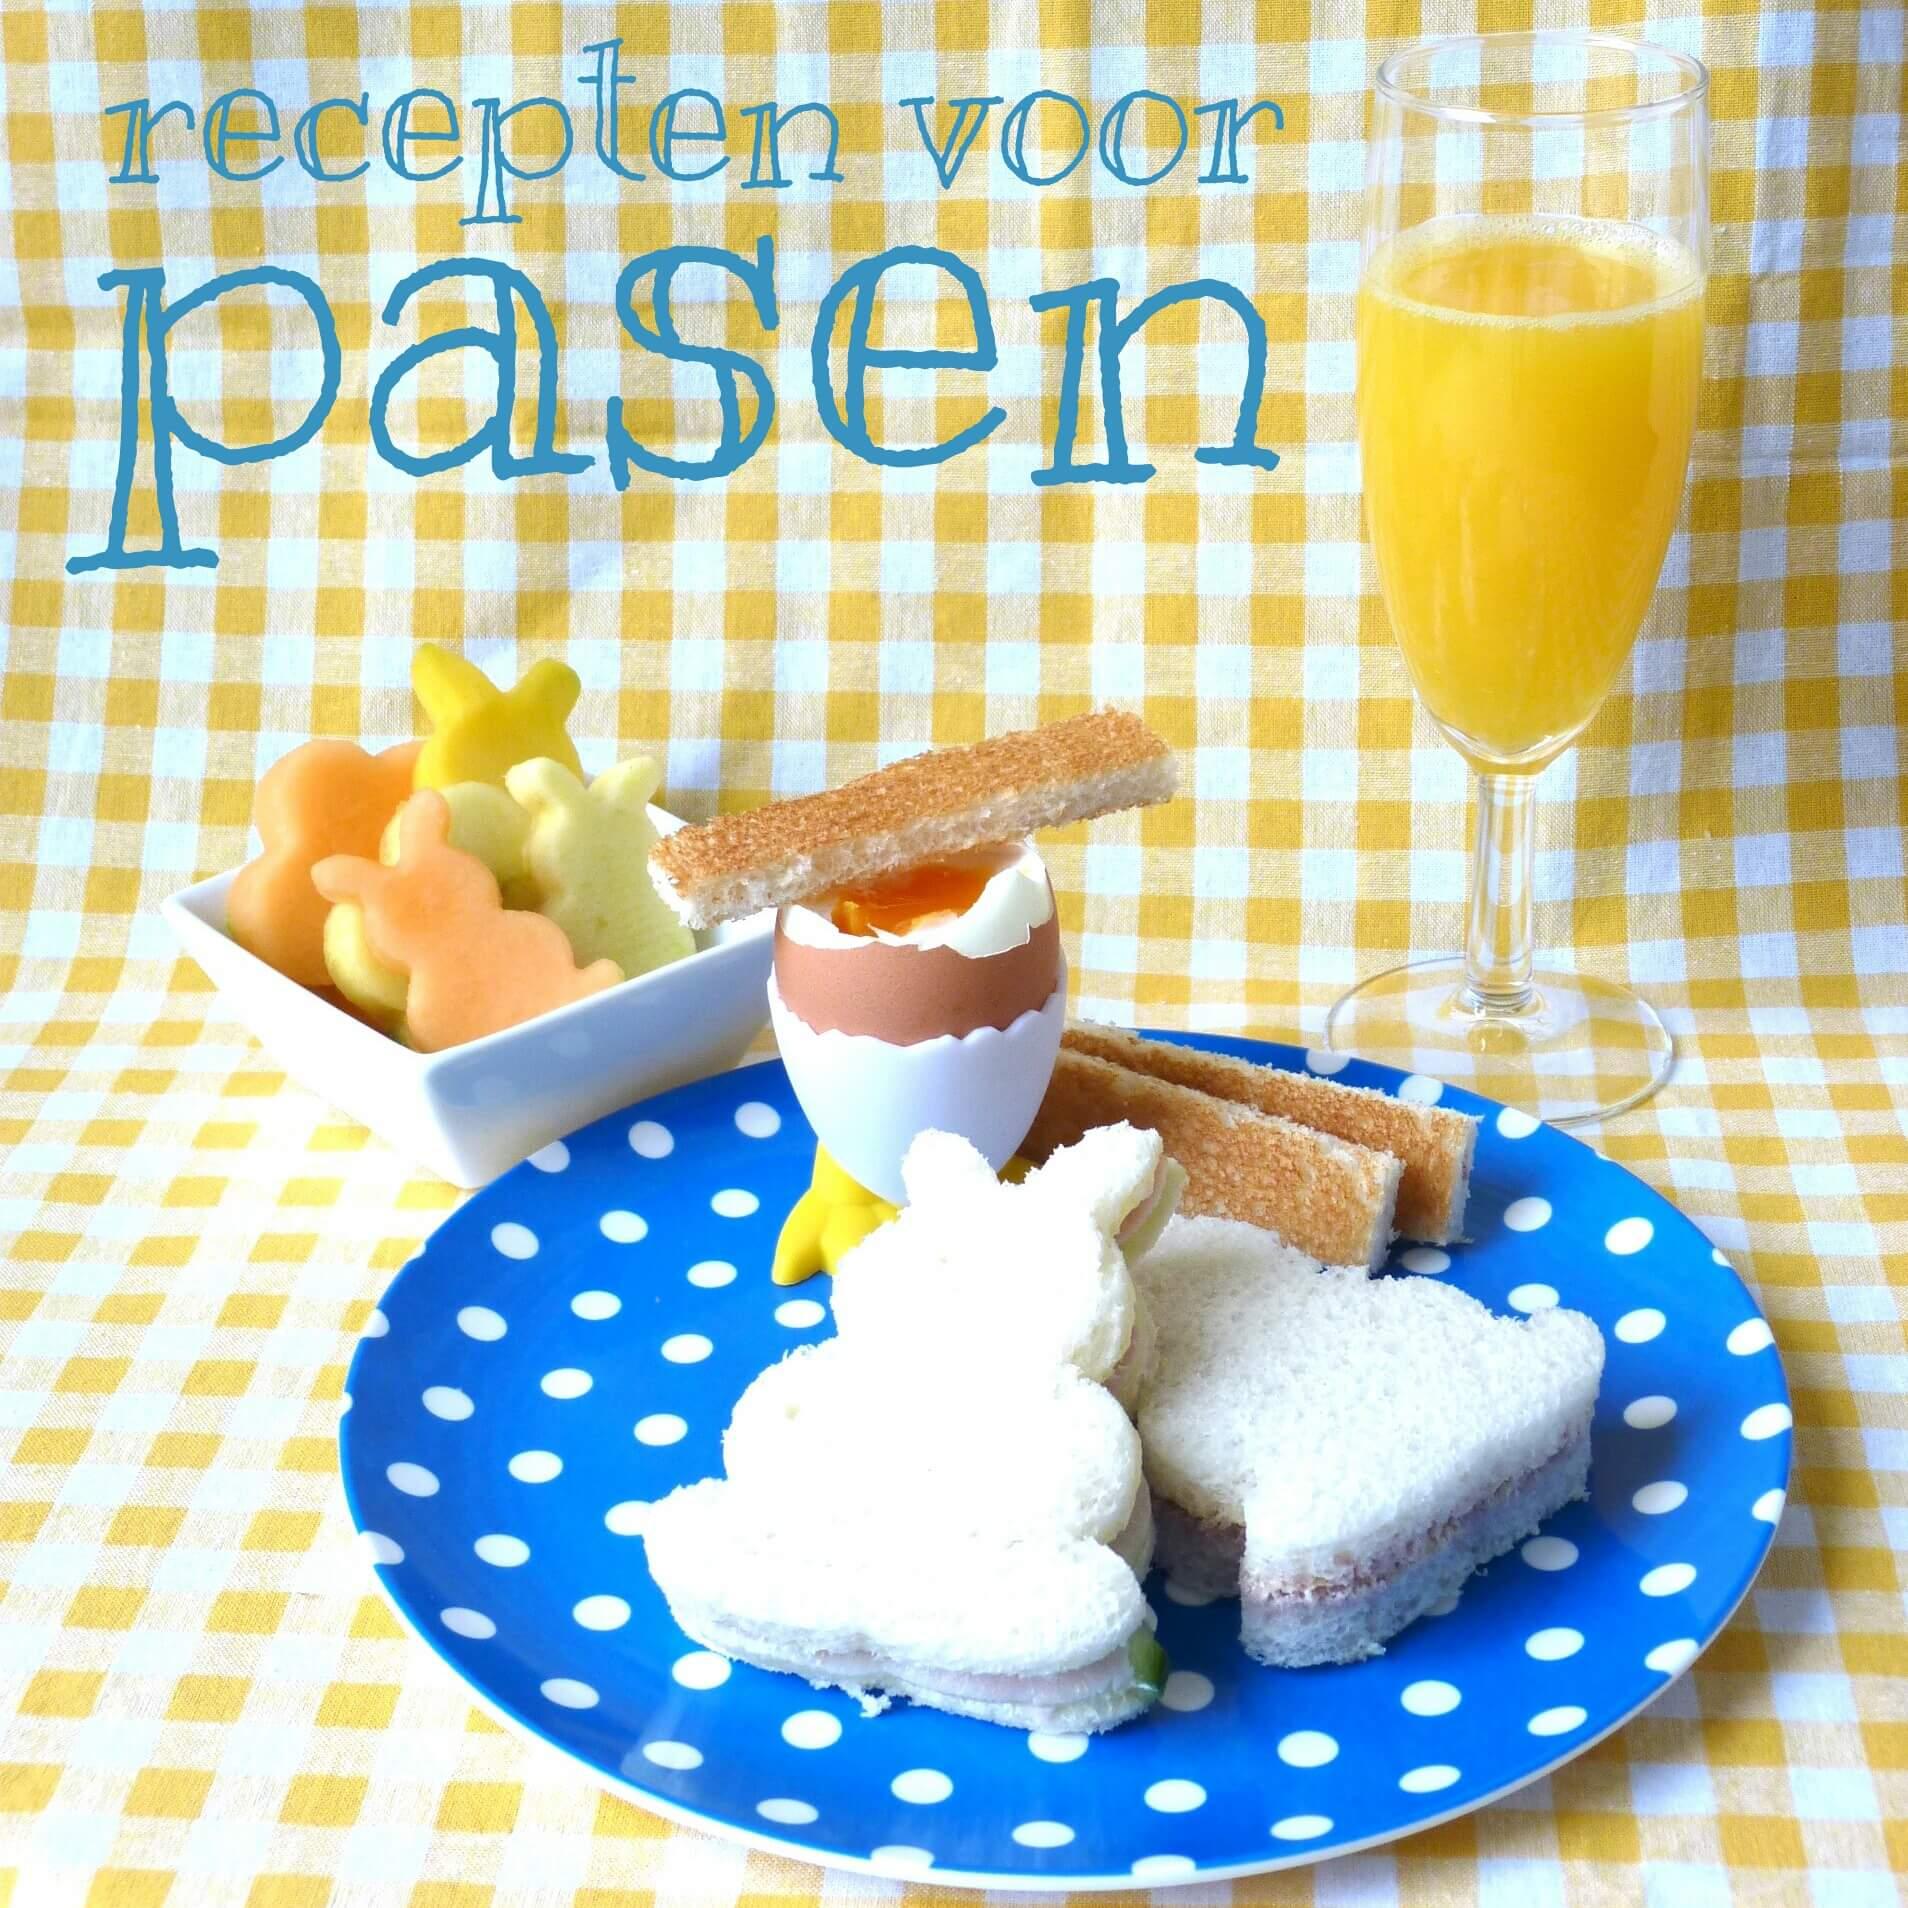 Vrolijk Pasen: lekkere recepten voor de paasdagen